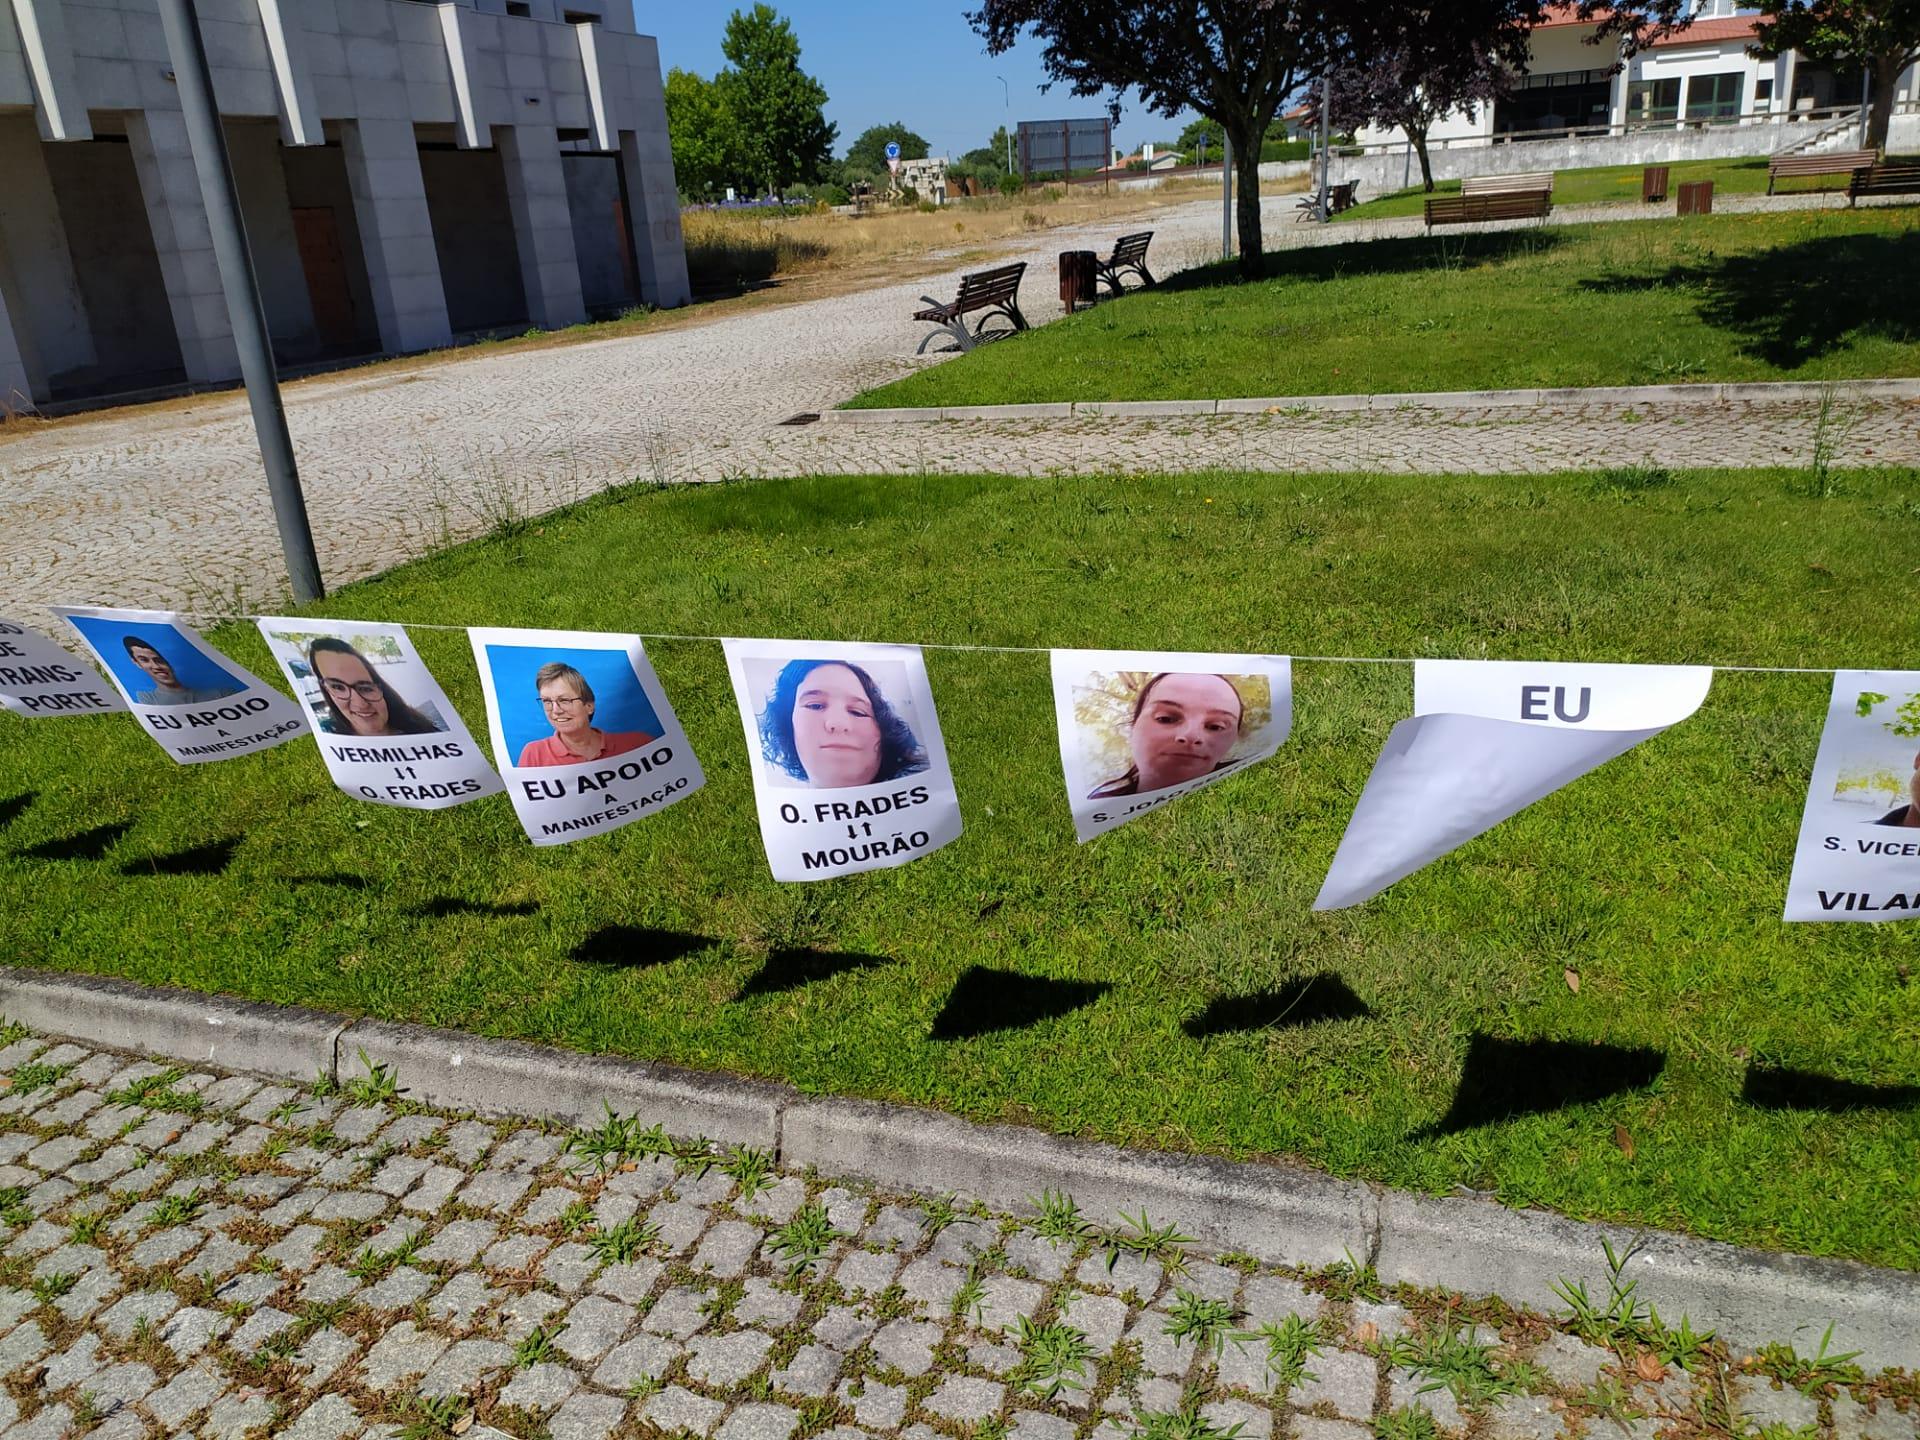 ASSOL manifesta-se pela reposição dos transportes públicos na região Dão Lafões